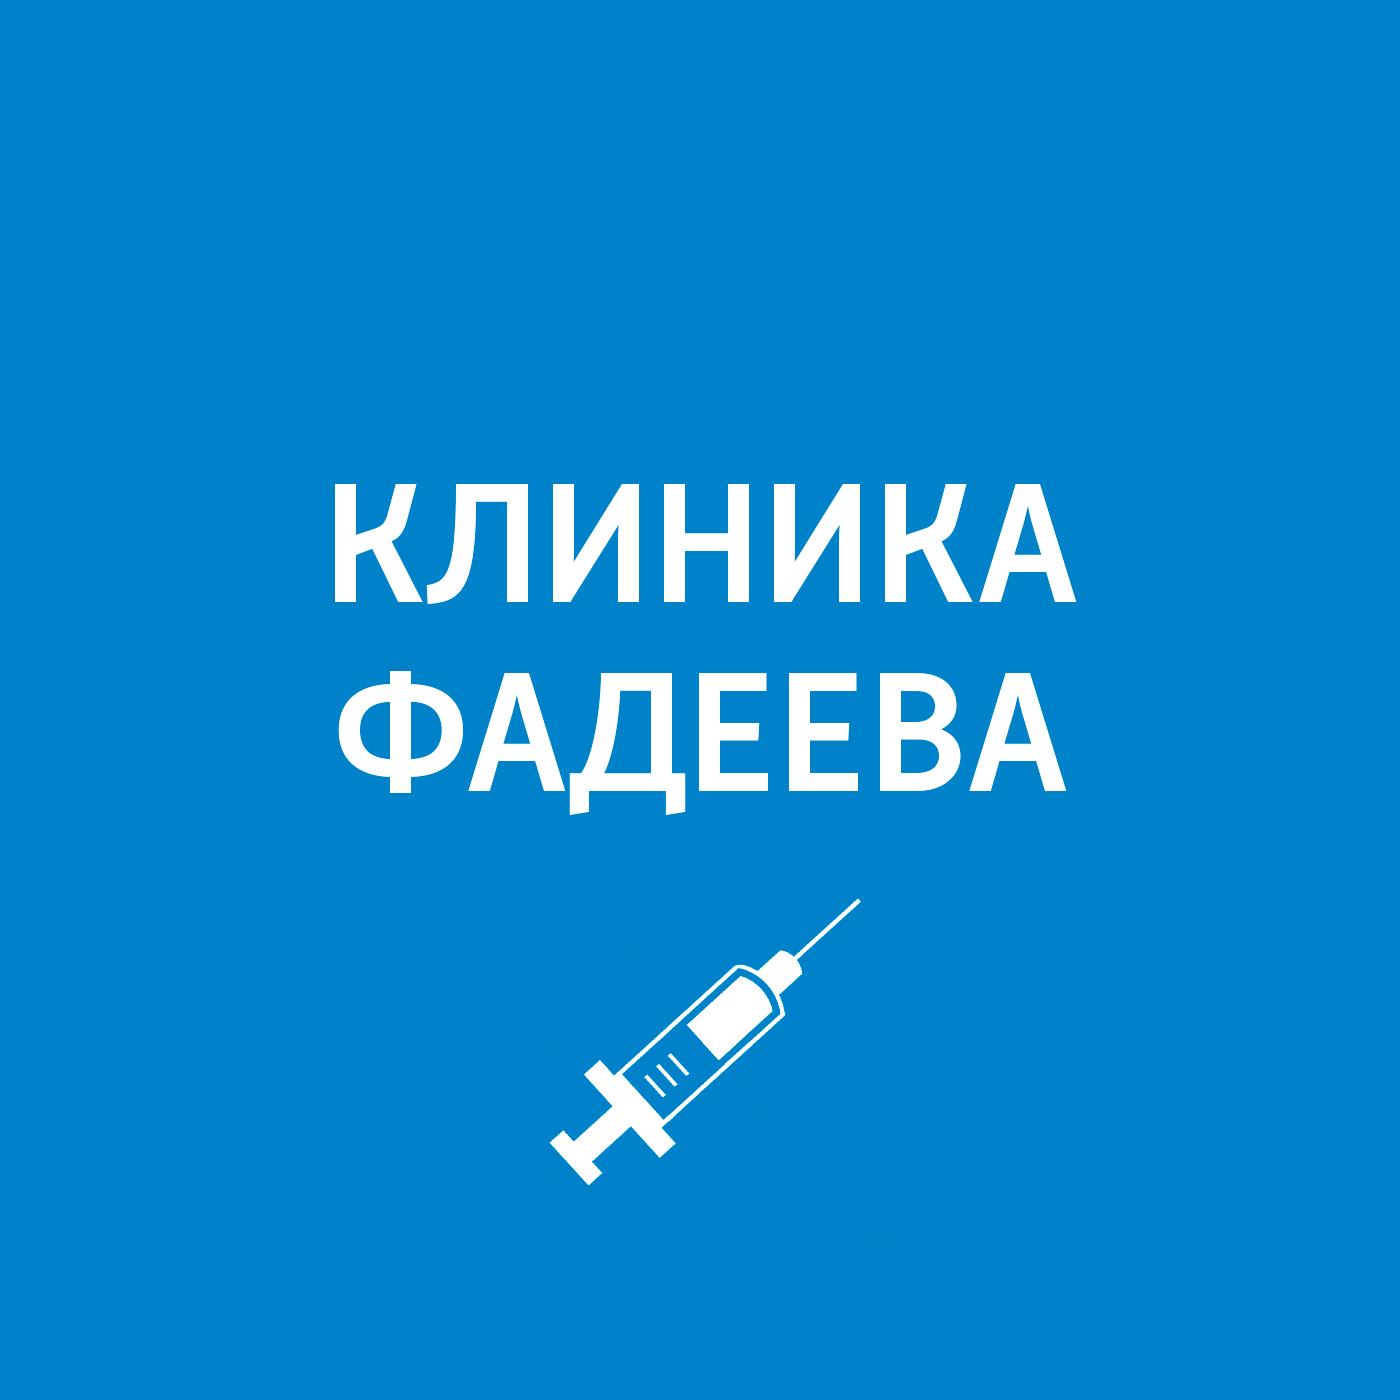 Пётр Фадеев Советы терапевта гастрит